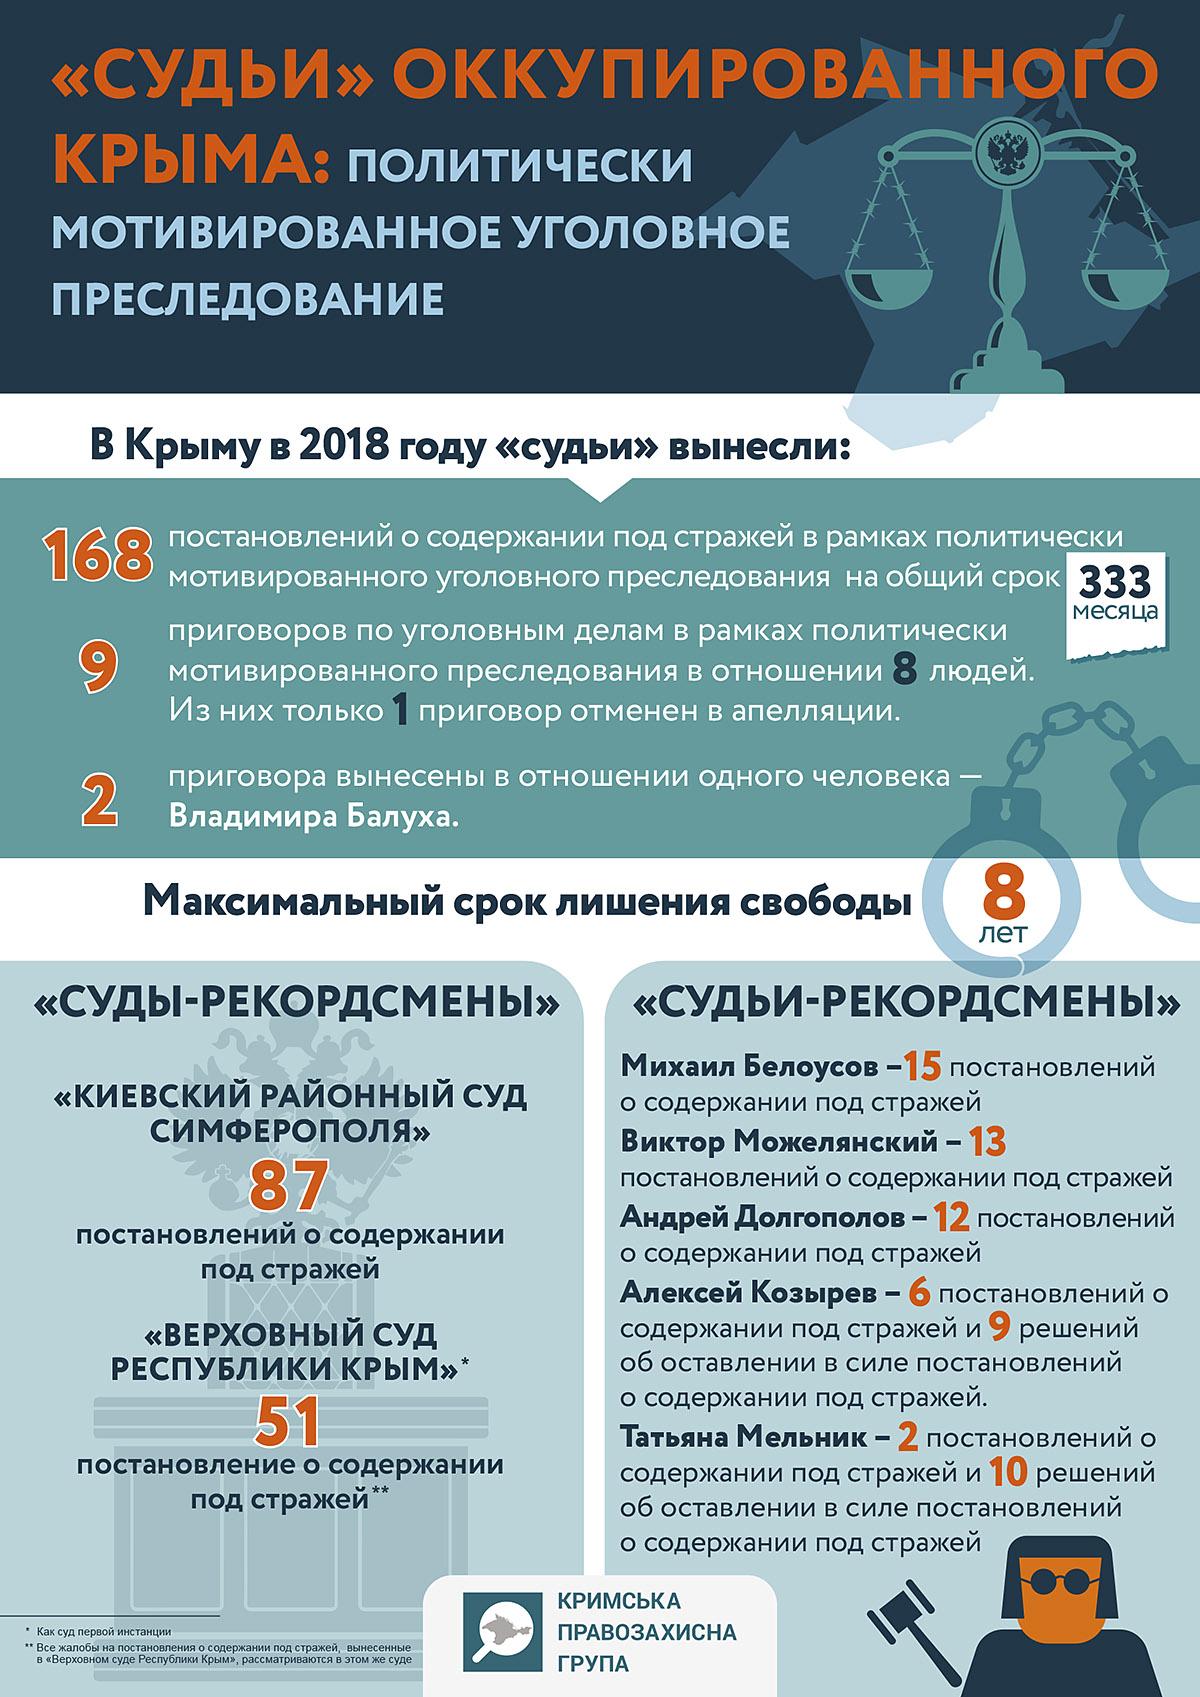 «Судді» окупованого Криму: політично умотивоване кримінальне переслідування (інфографіка)